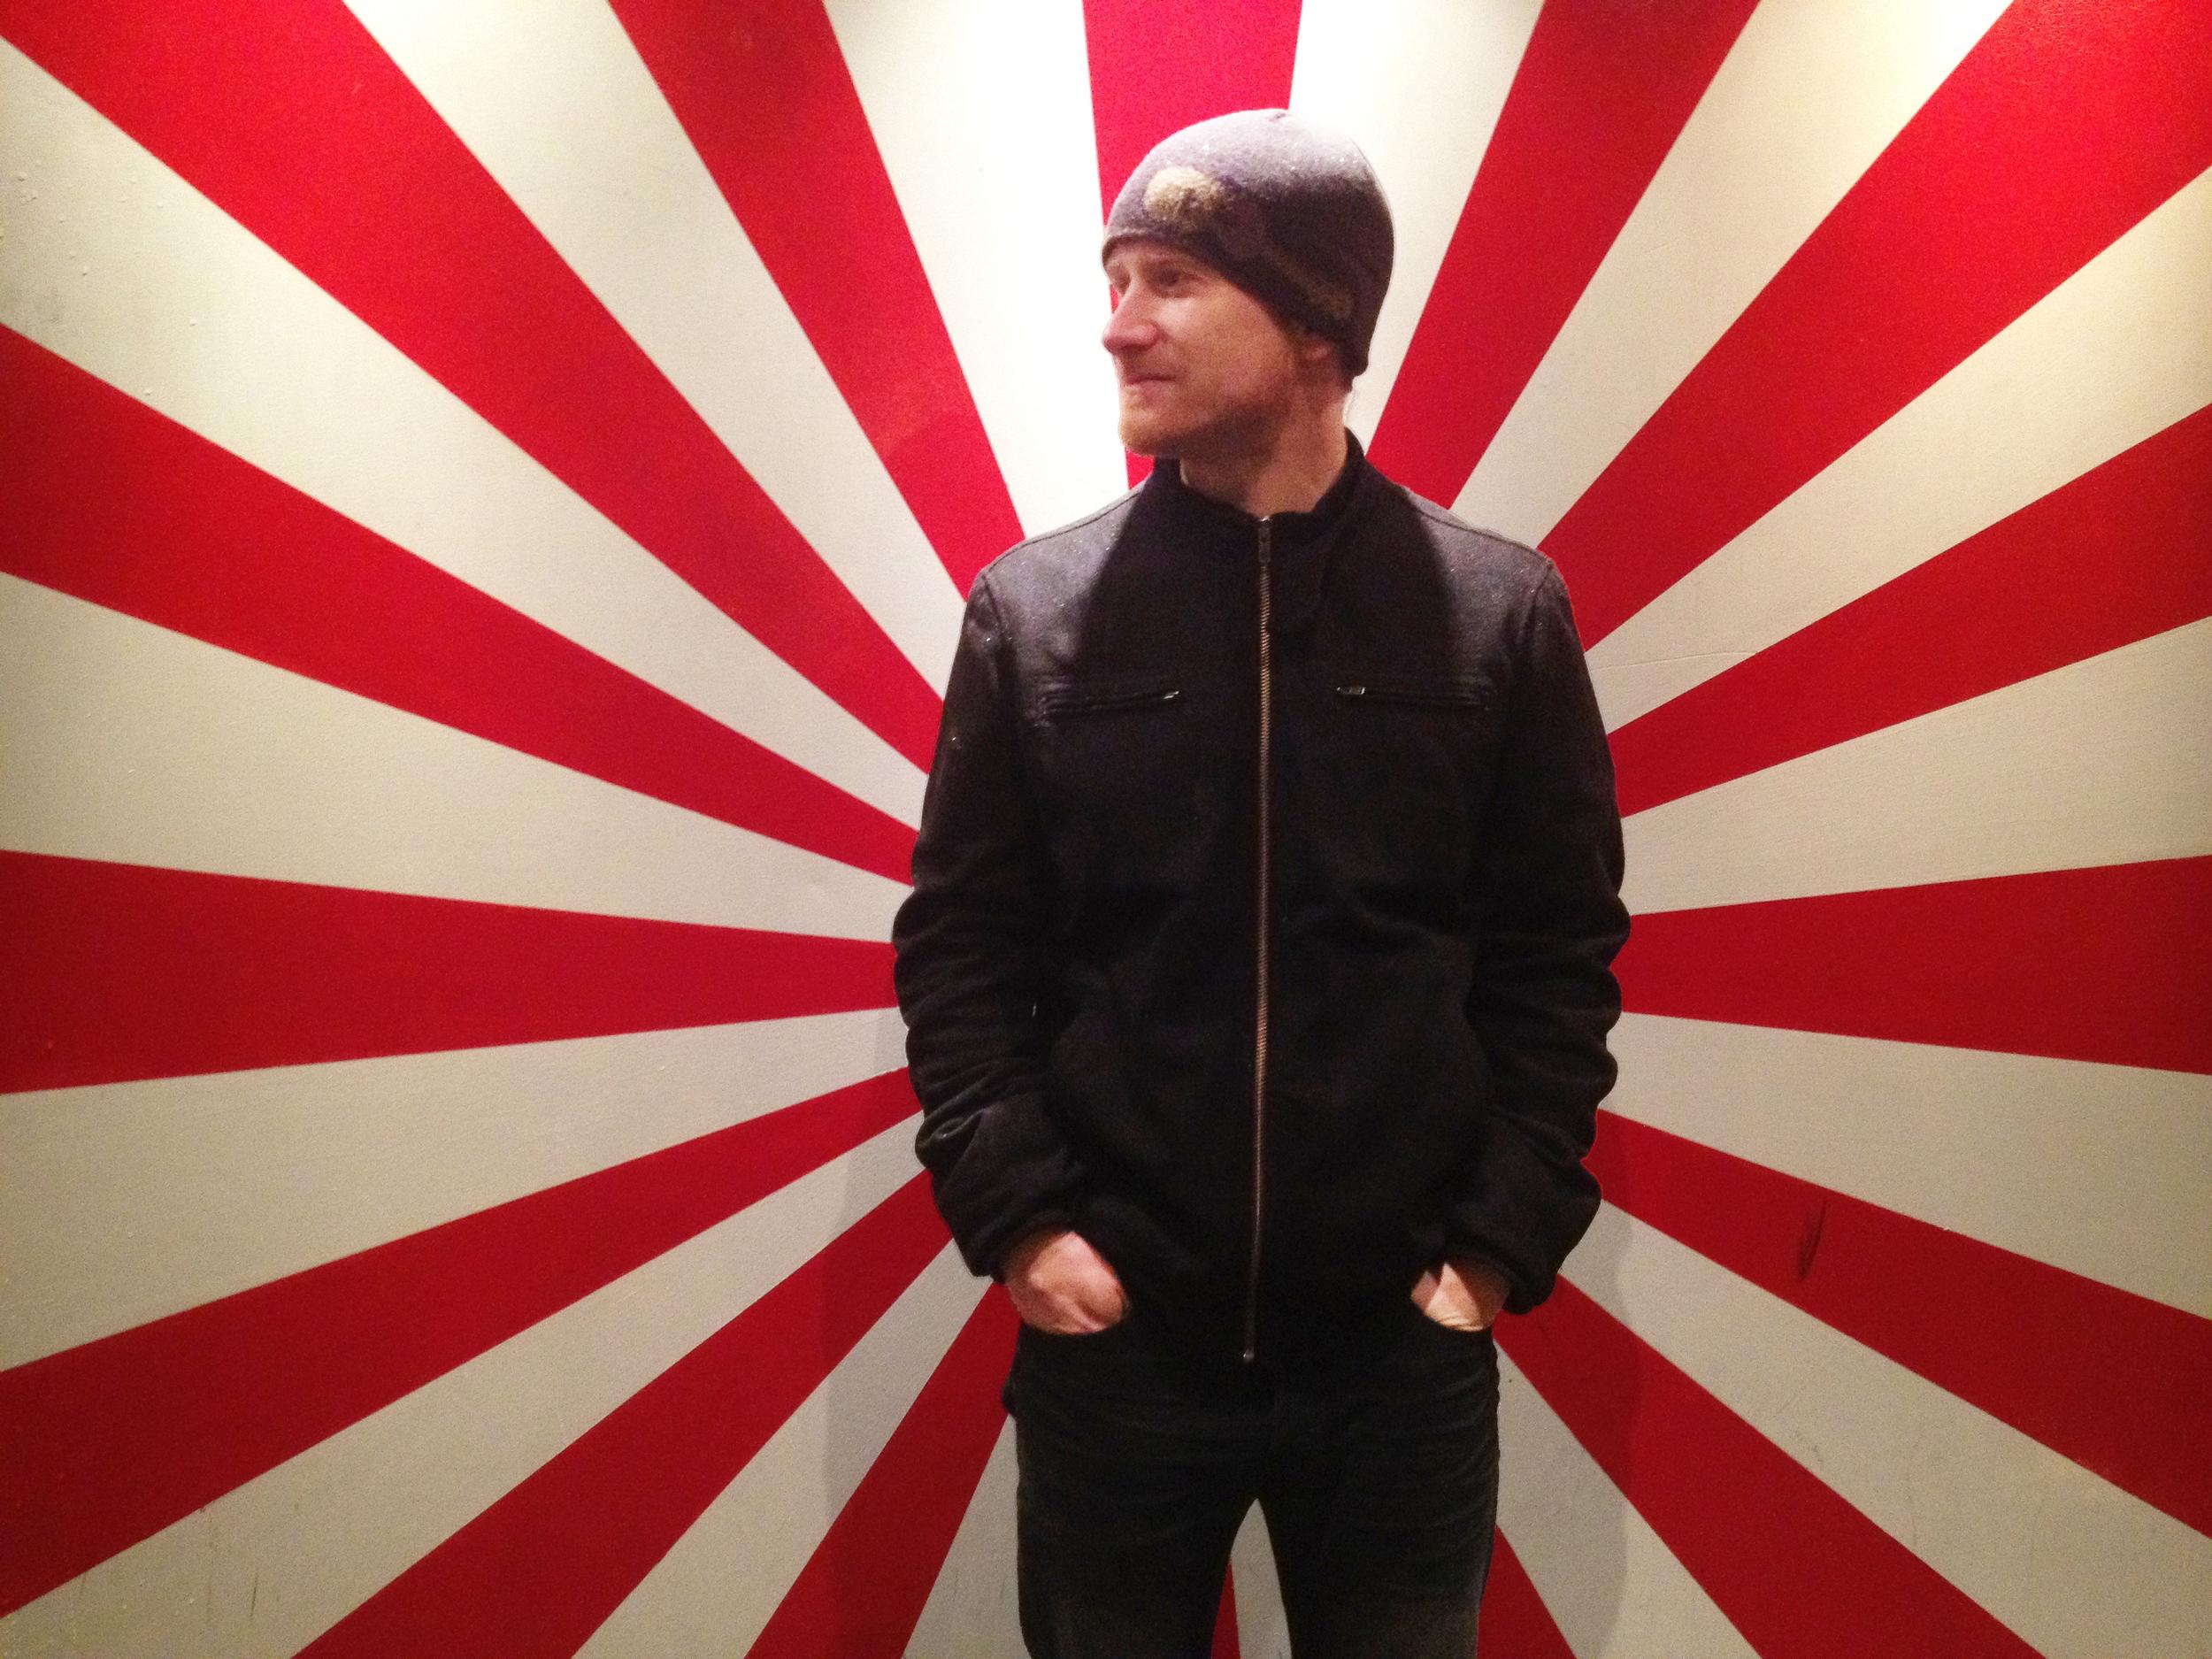 Chris Merkley Red and White Sunburst Photo by Jenn Grauer.jpg